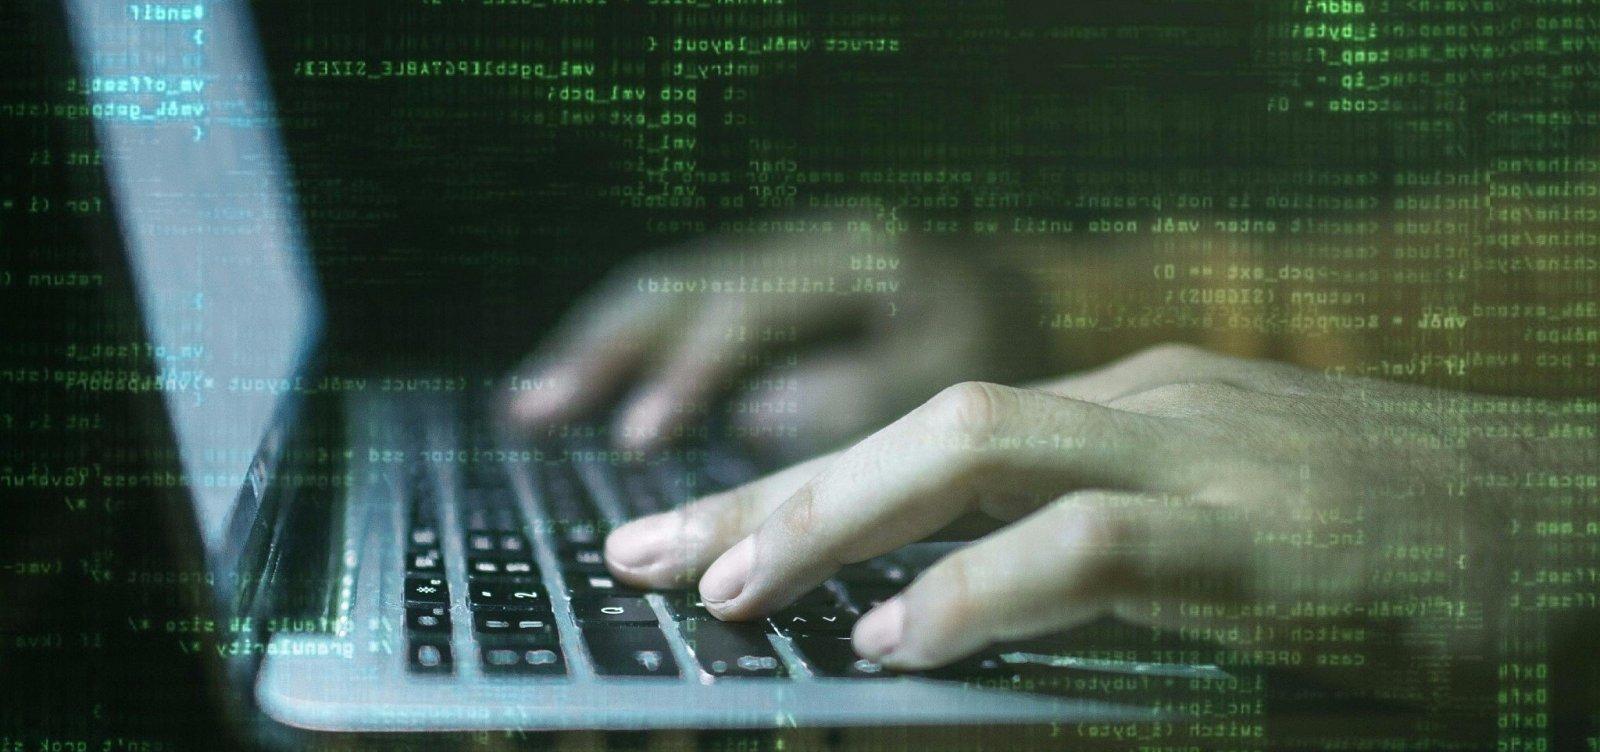 MP denuncia hackers por fraudes virtuais